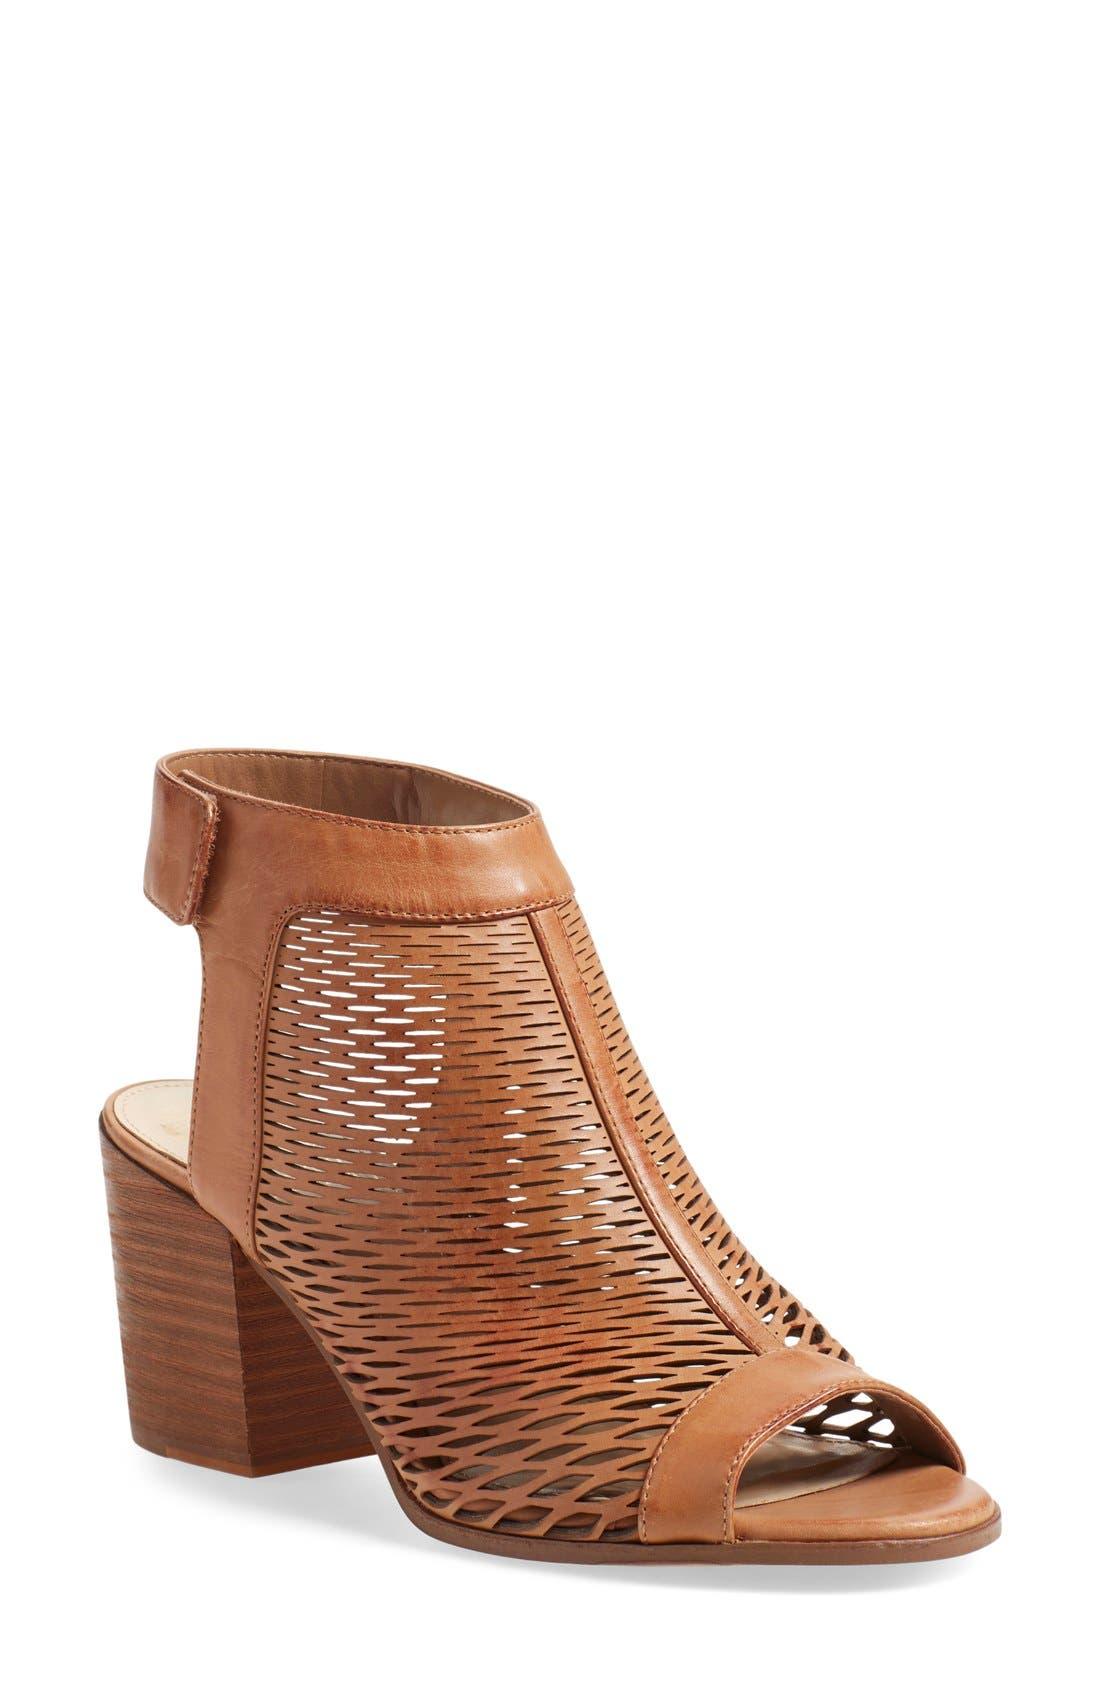 Black wedge sandals 2 inch heel - Women S Black Medium Heel 2 3 Sandals Sandals For Women Nordstrom